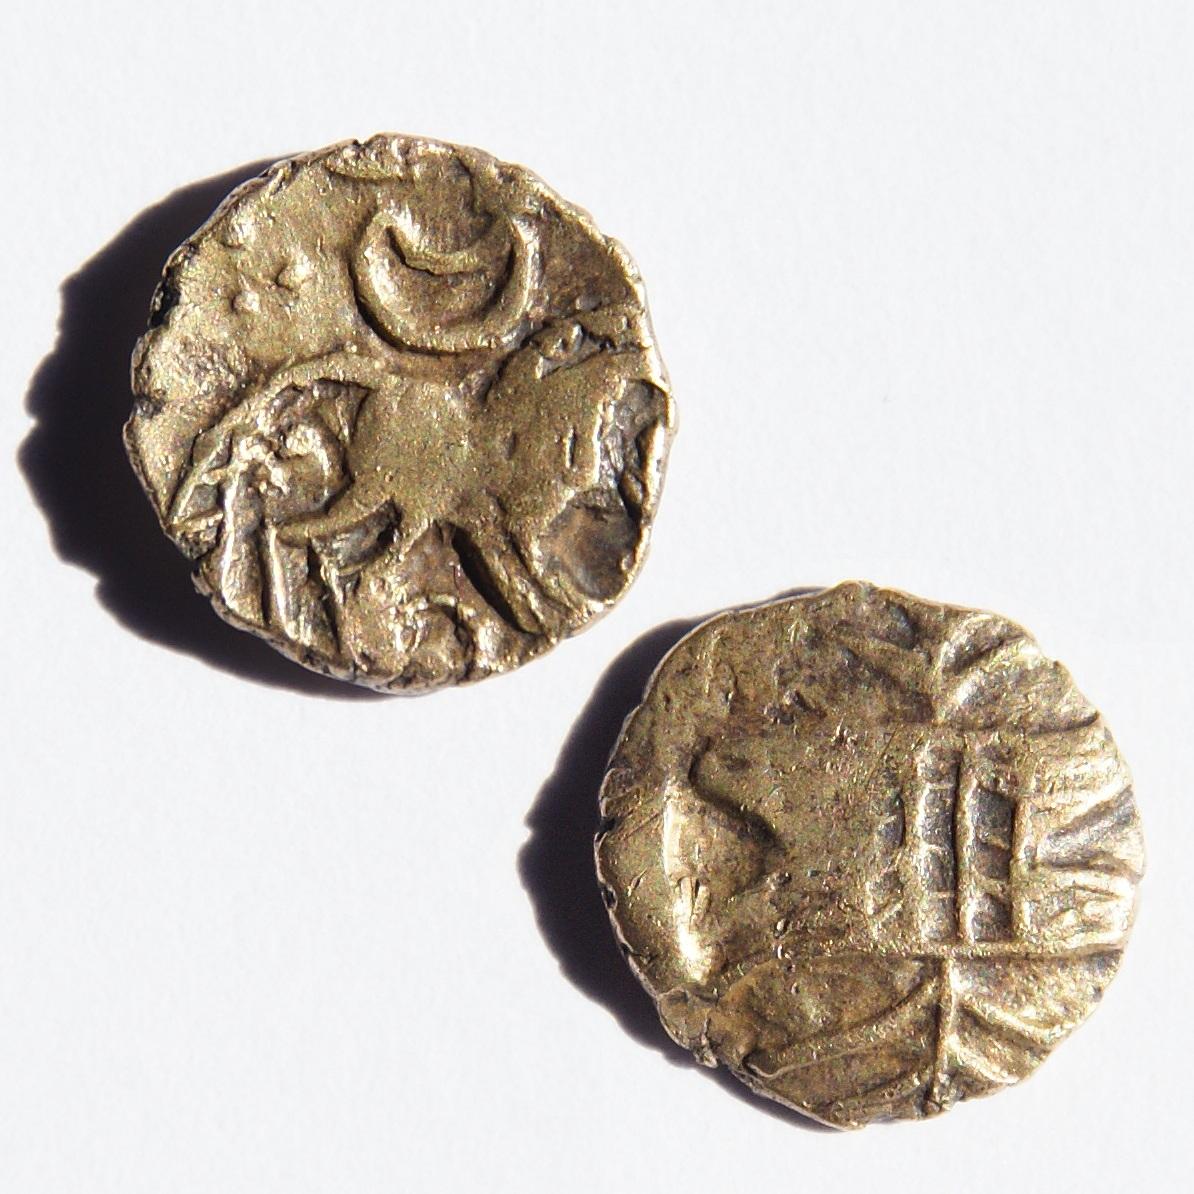 Кельтские золотые монеты из Iceni, датируемые примерно 40 годом до н.э. Имеют значительную примесь меди. На фото аверс и реверс. Диаметр - 11 мм, вес - 1 грамм.